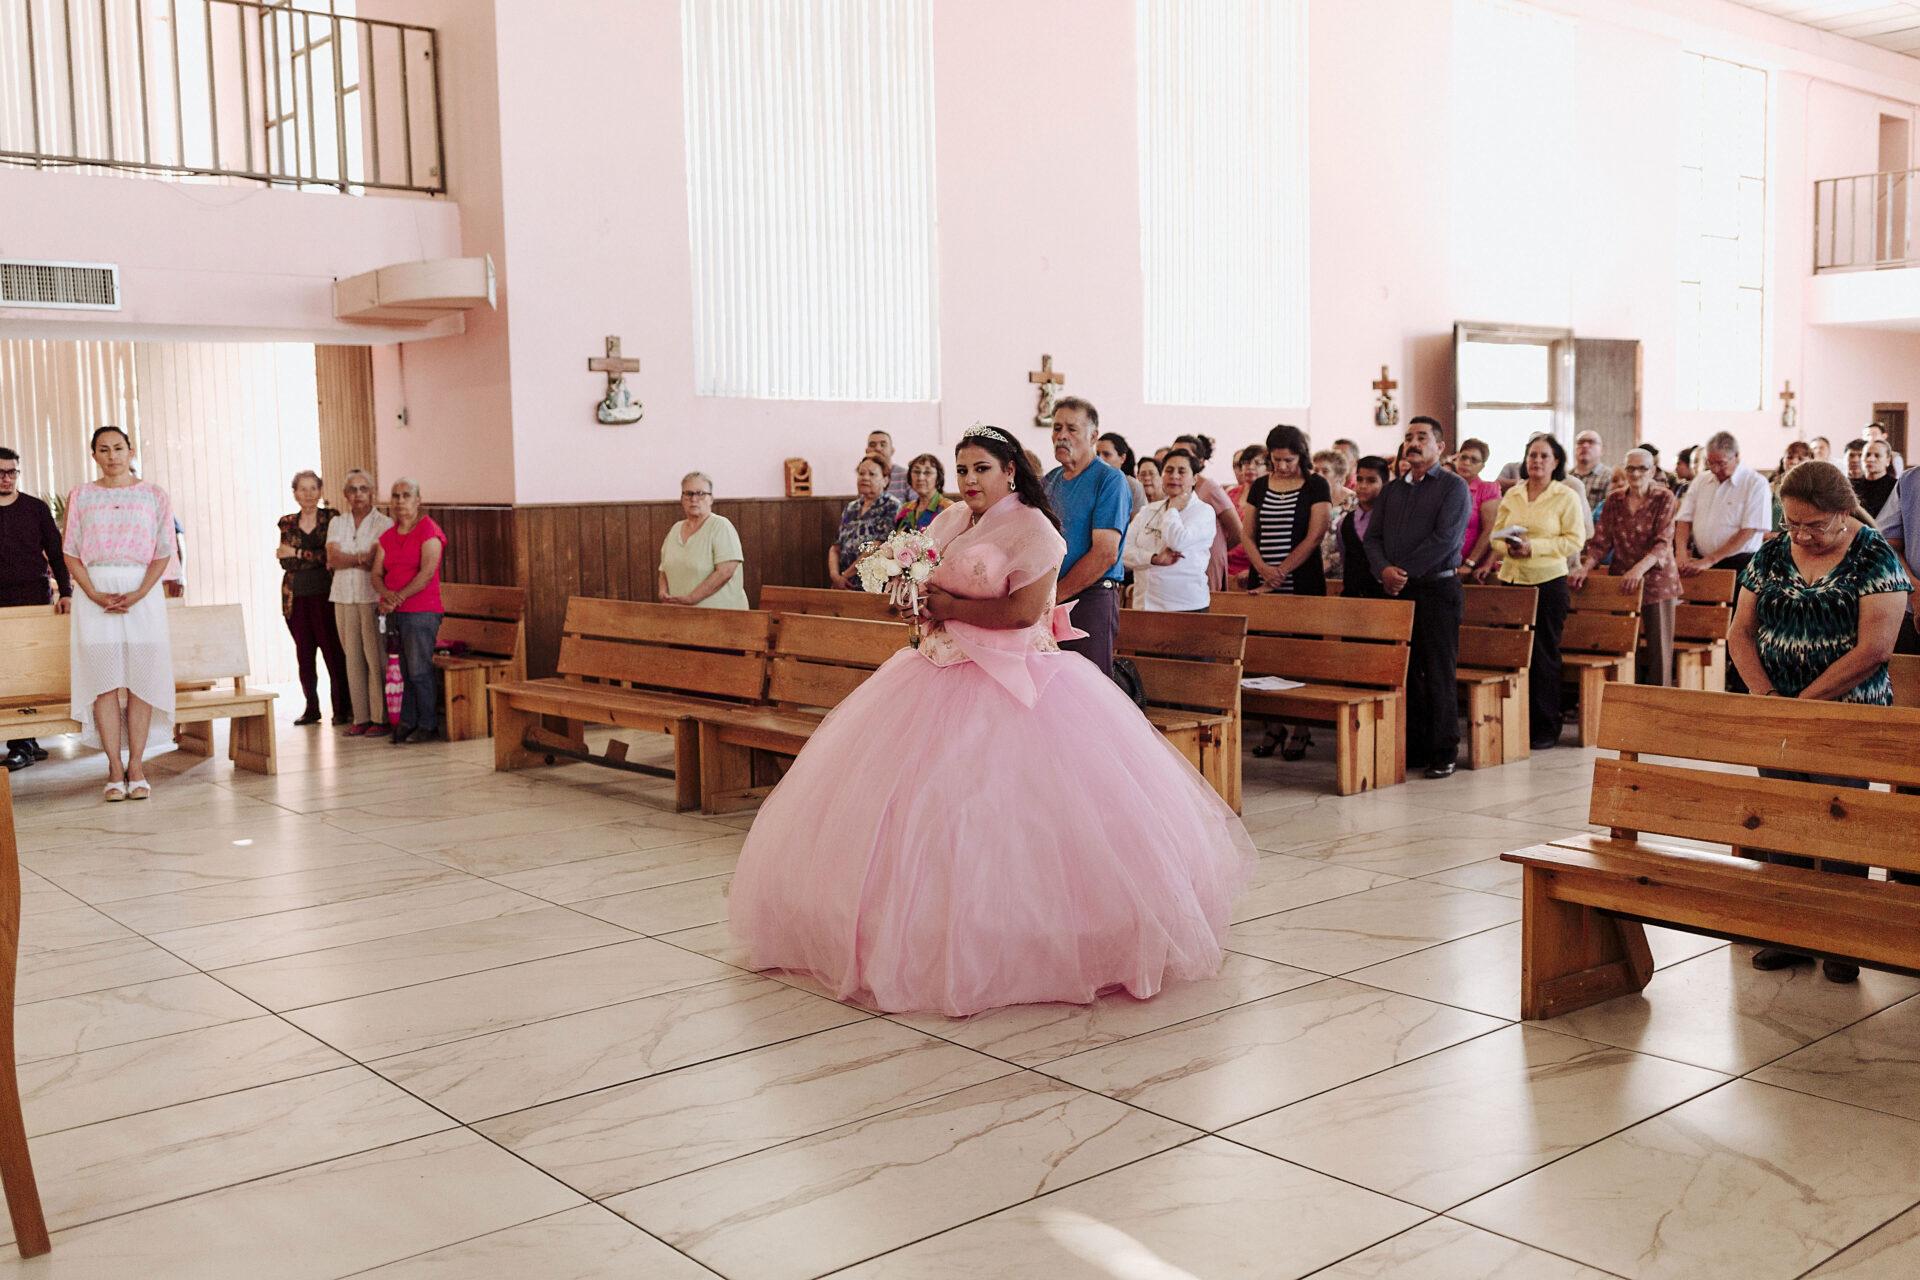 javier_noriega_fotografo_bodas_zacatecas_xv_años_chihuahua00017